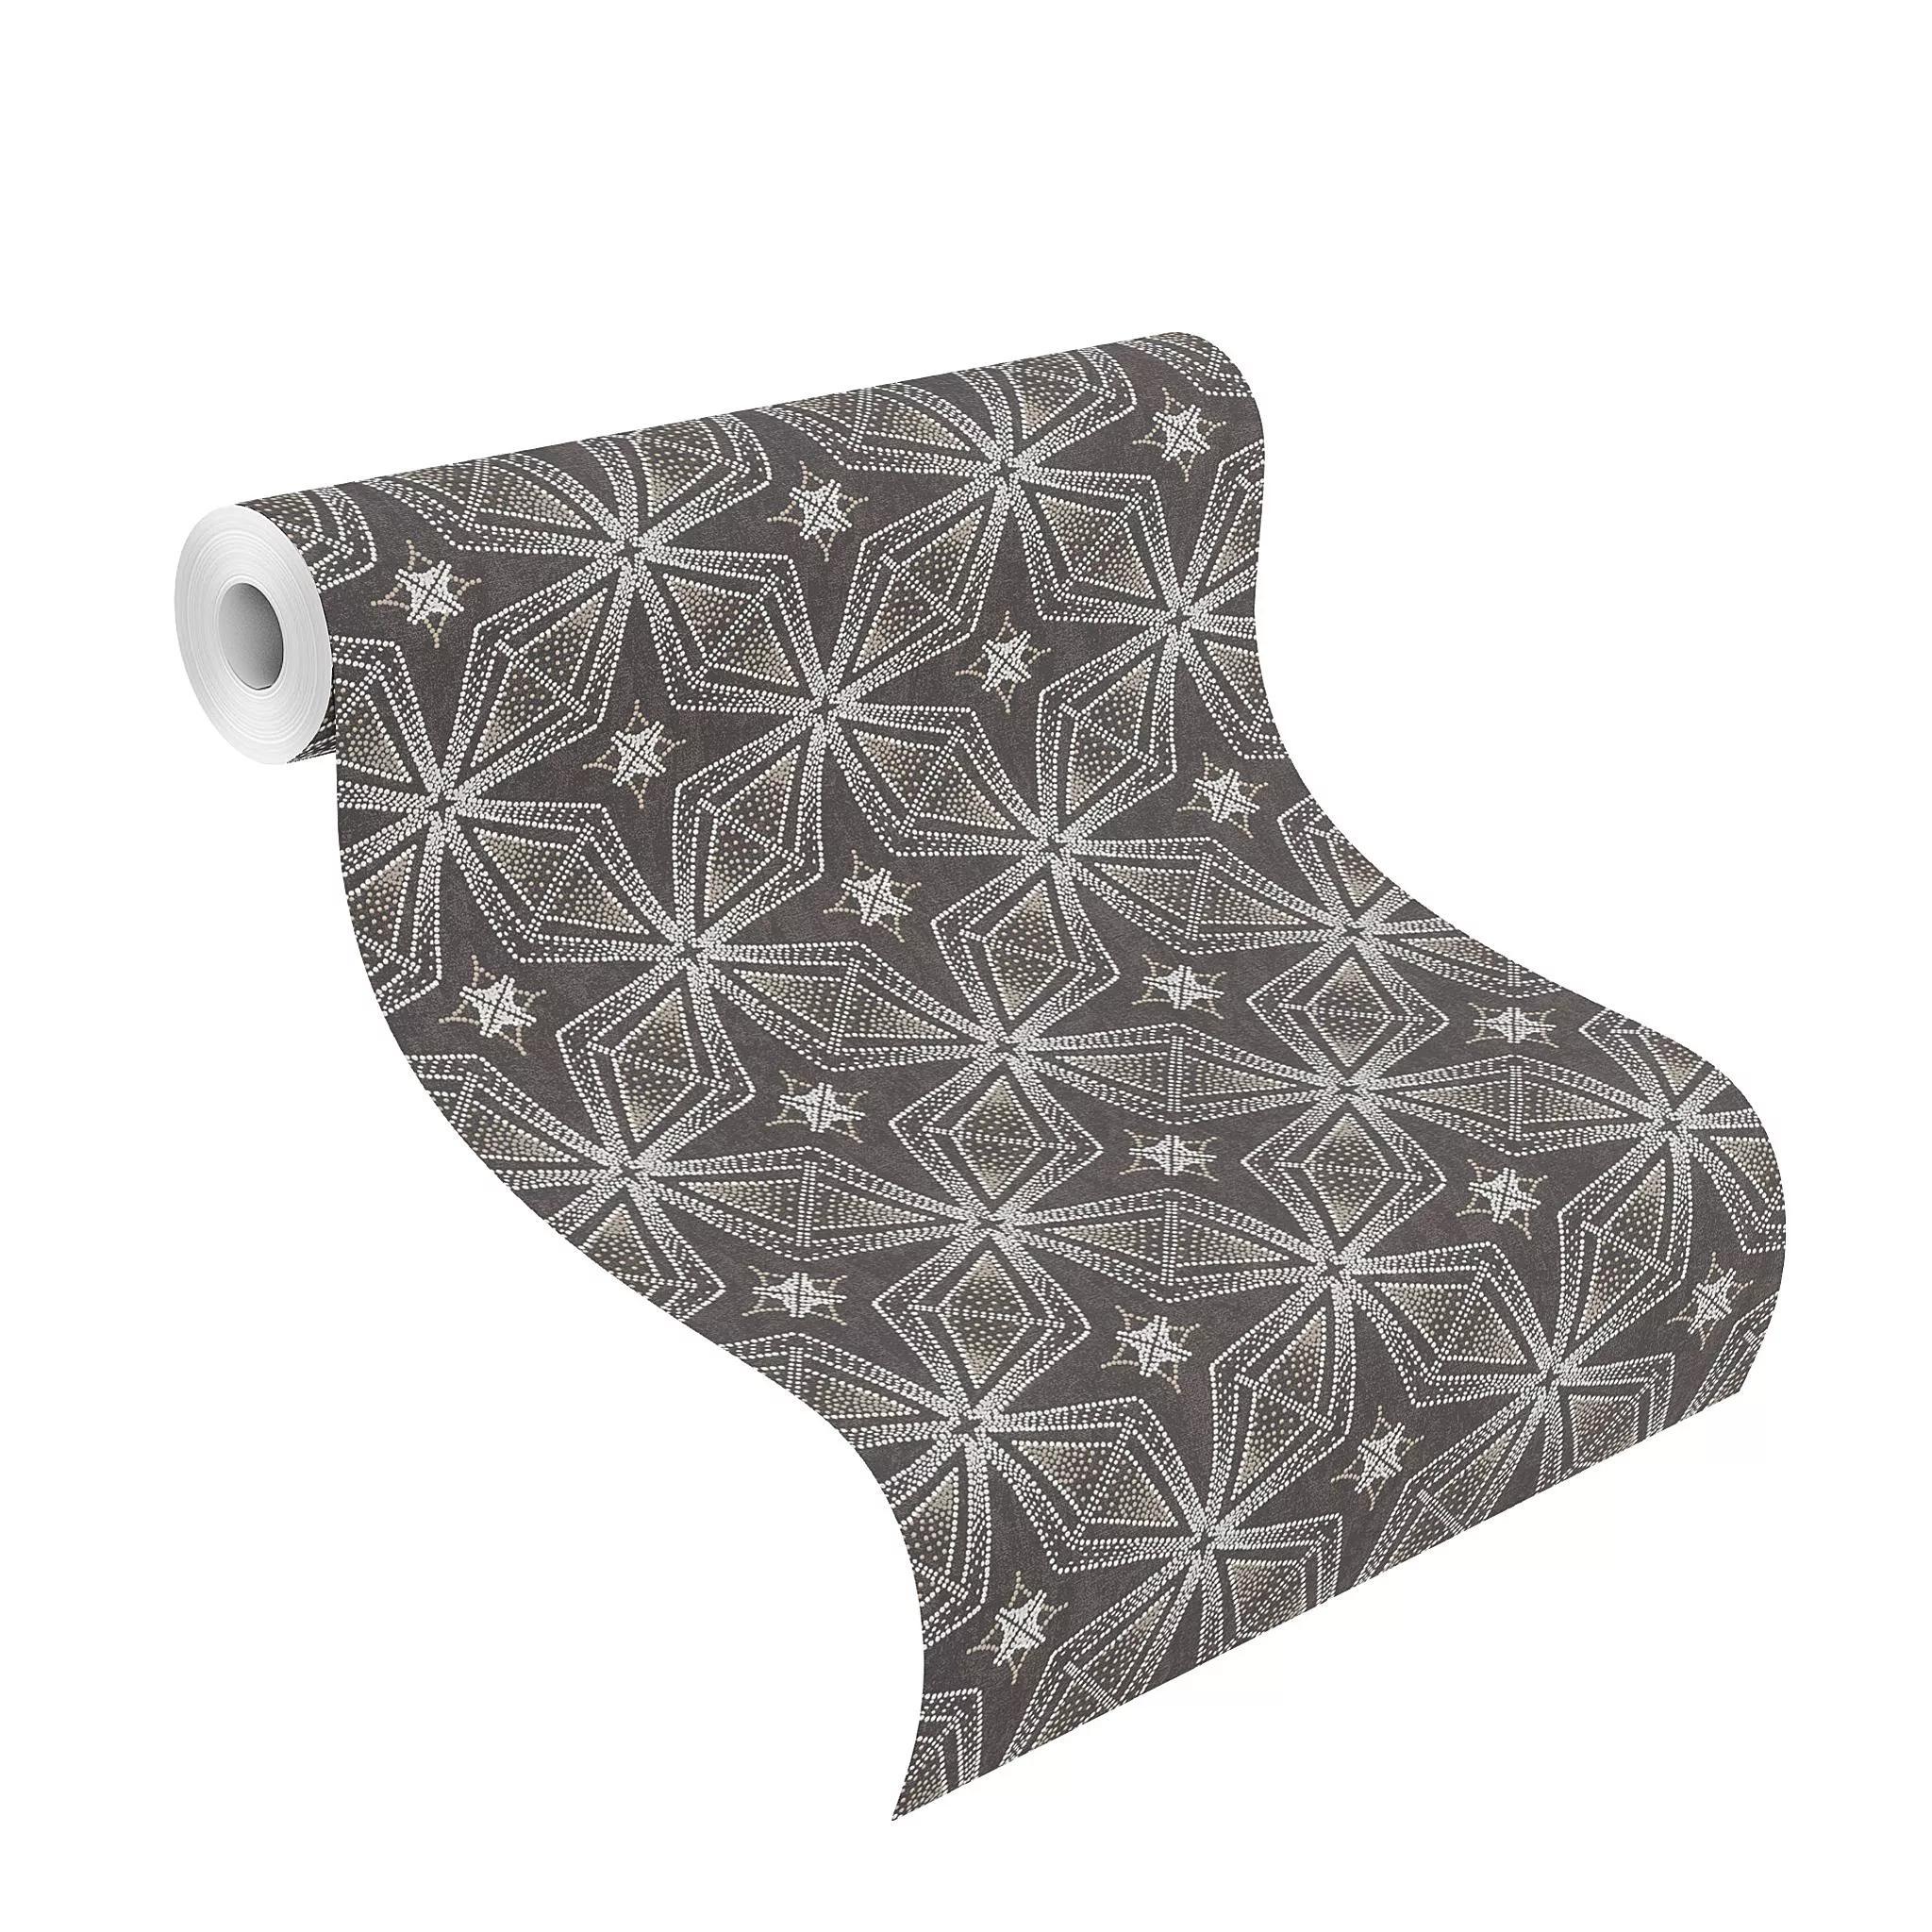 Fekete geometrikus mintás modern dekor tapéta